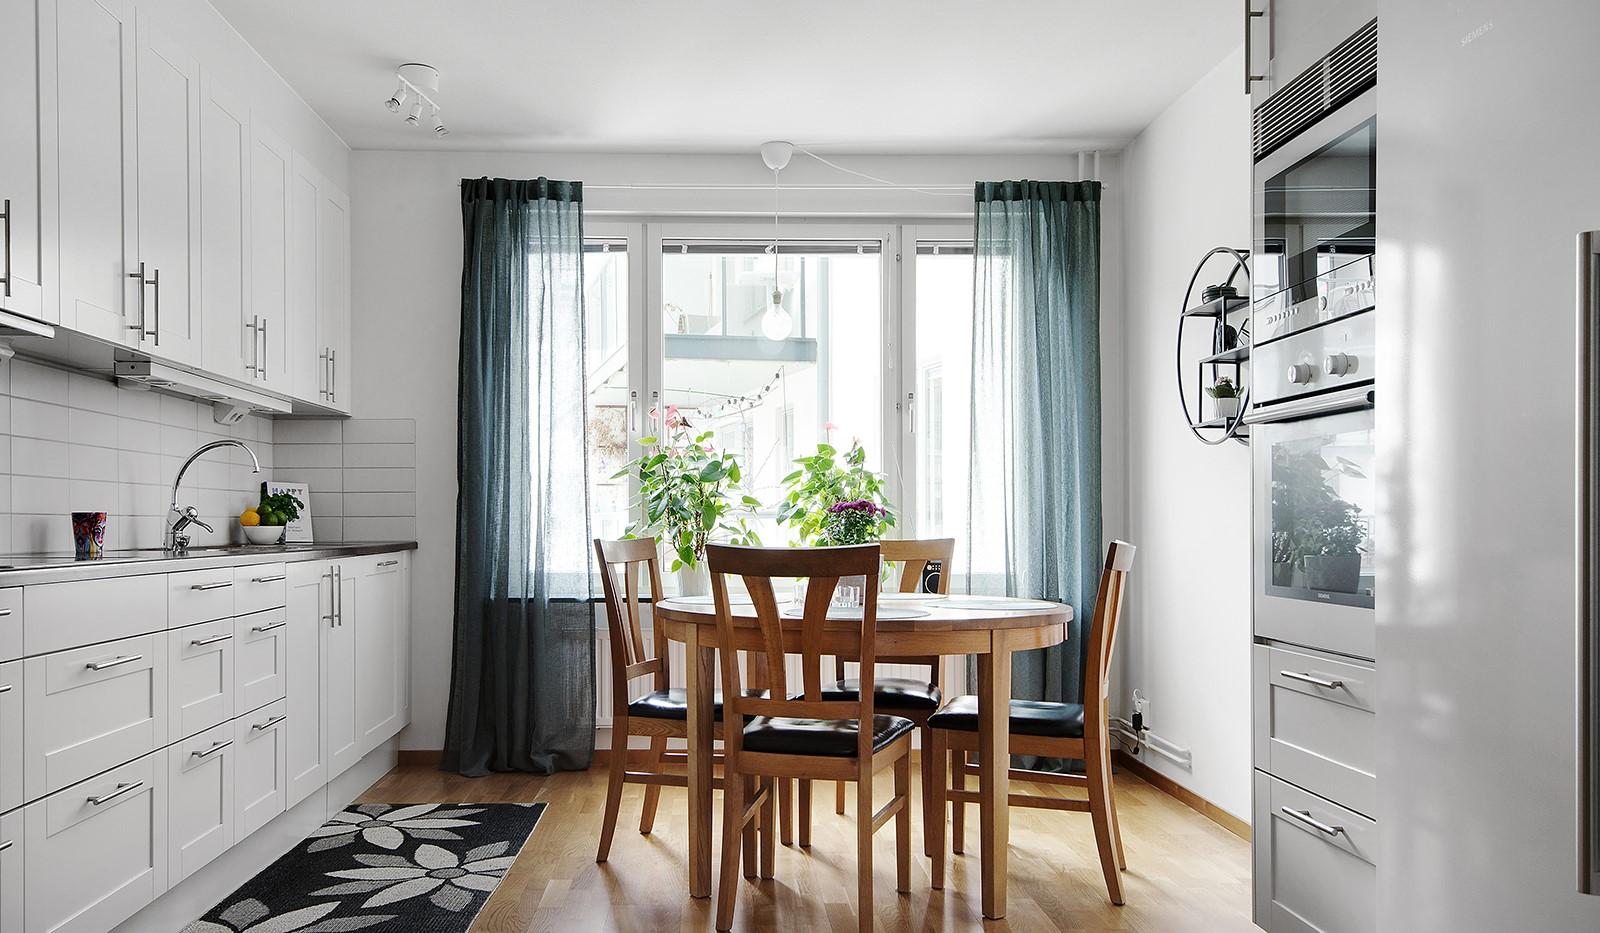 Grönbrinksgatan 6, 4tr - Härligt ljusinsläpp i köket genom stora fönsterpartier